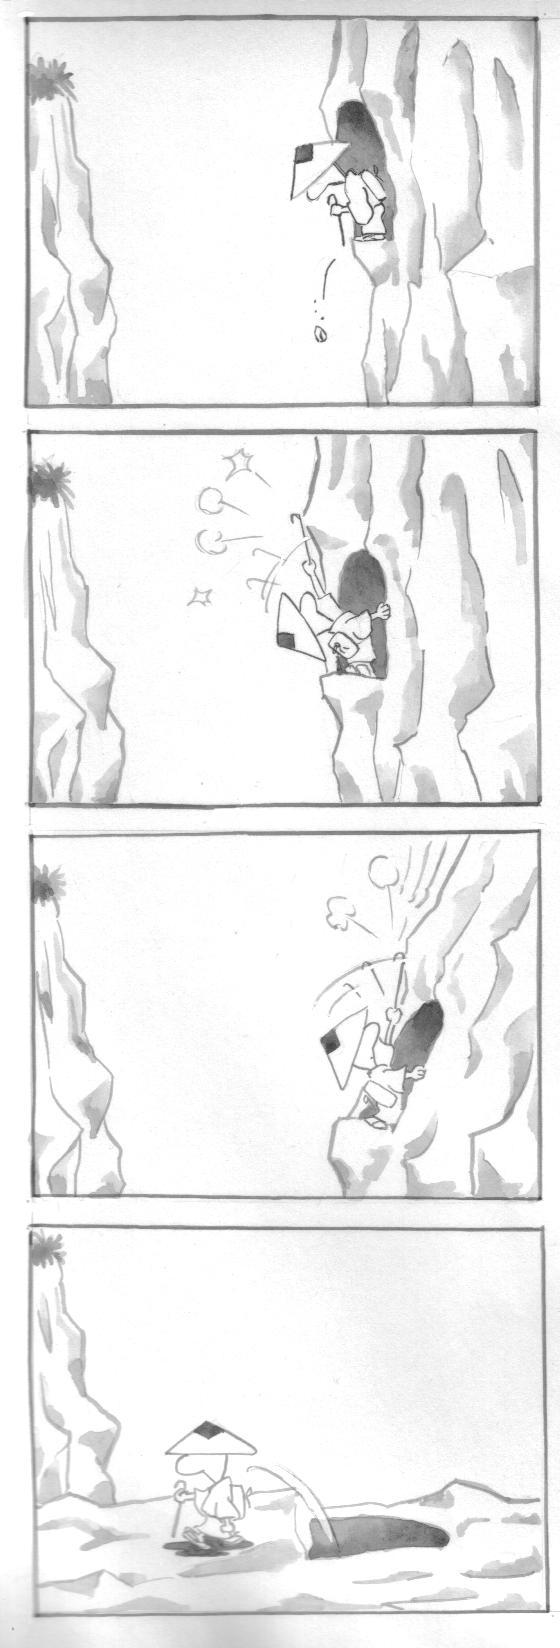 無敵坊主・崖